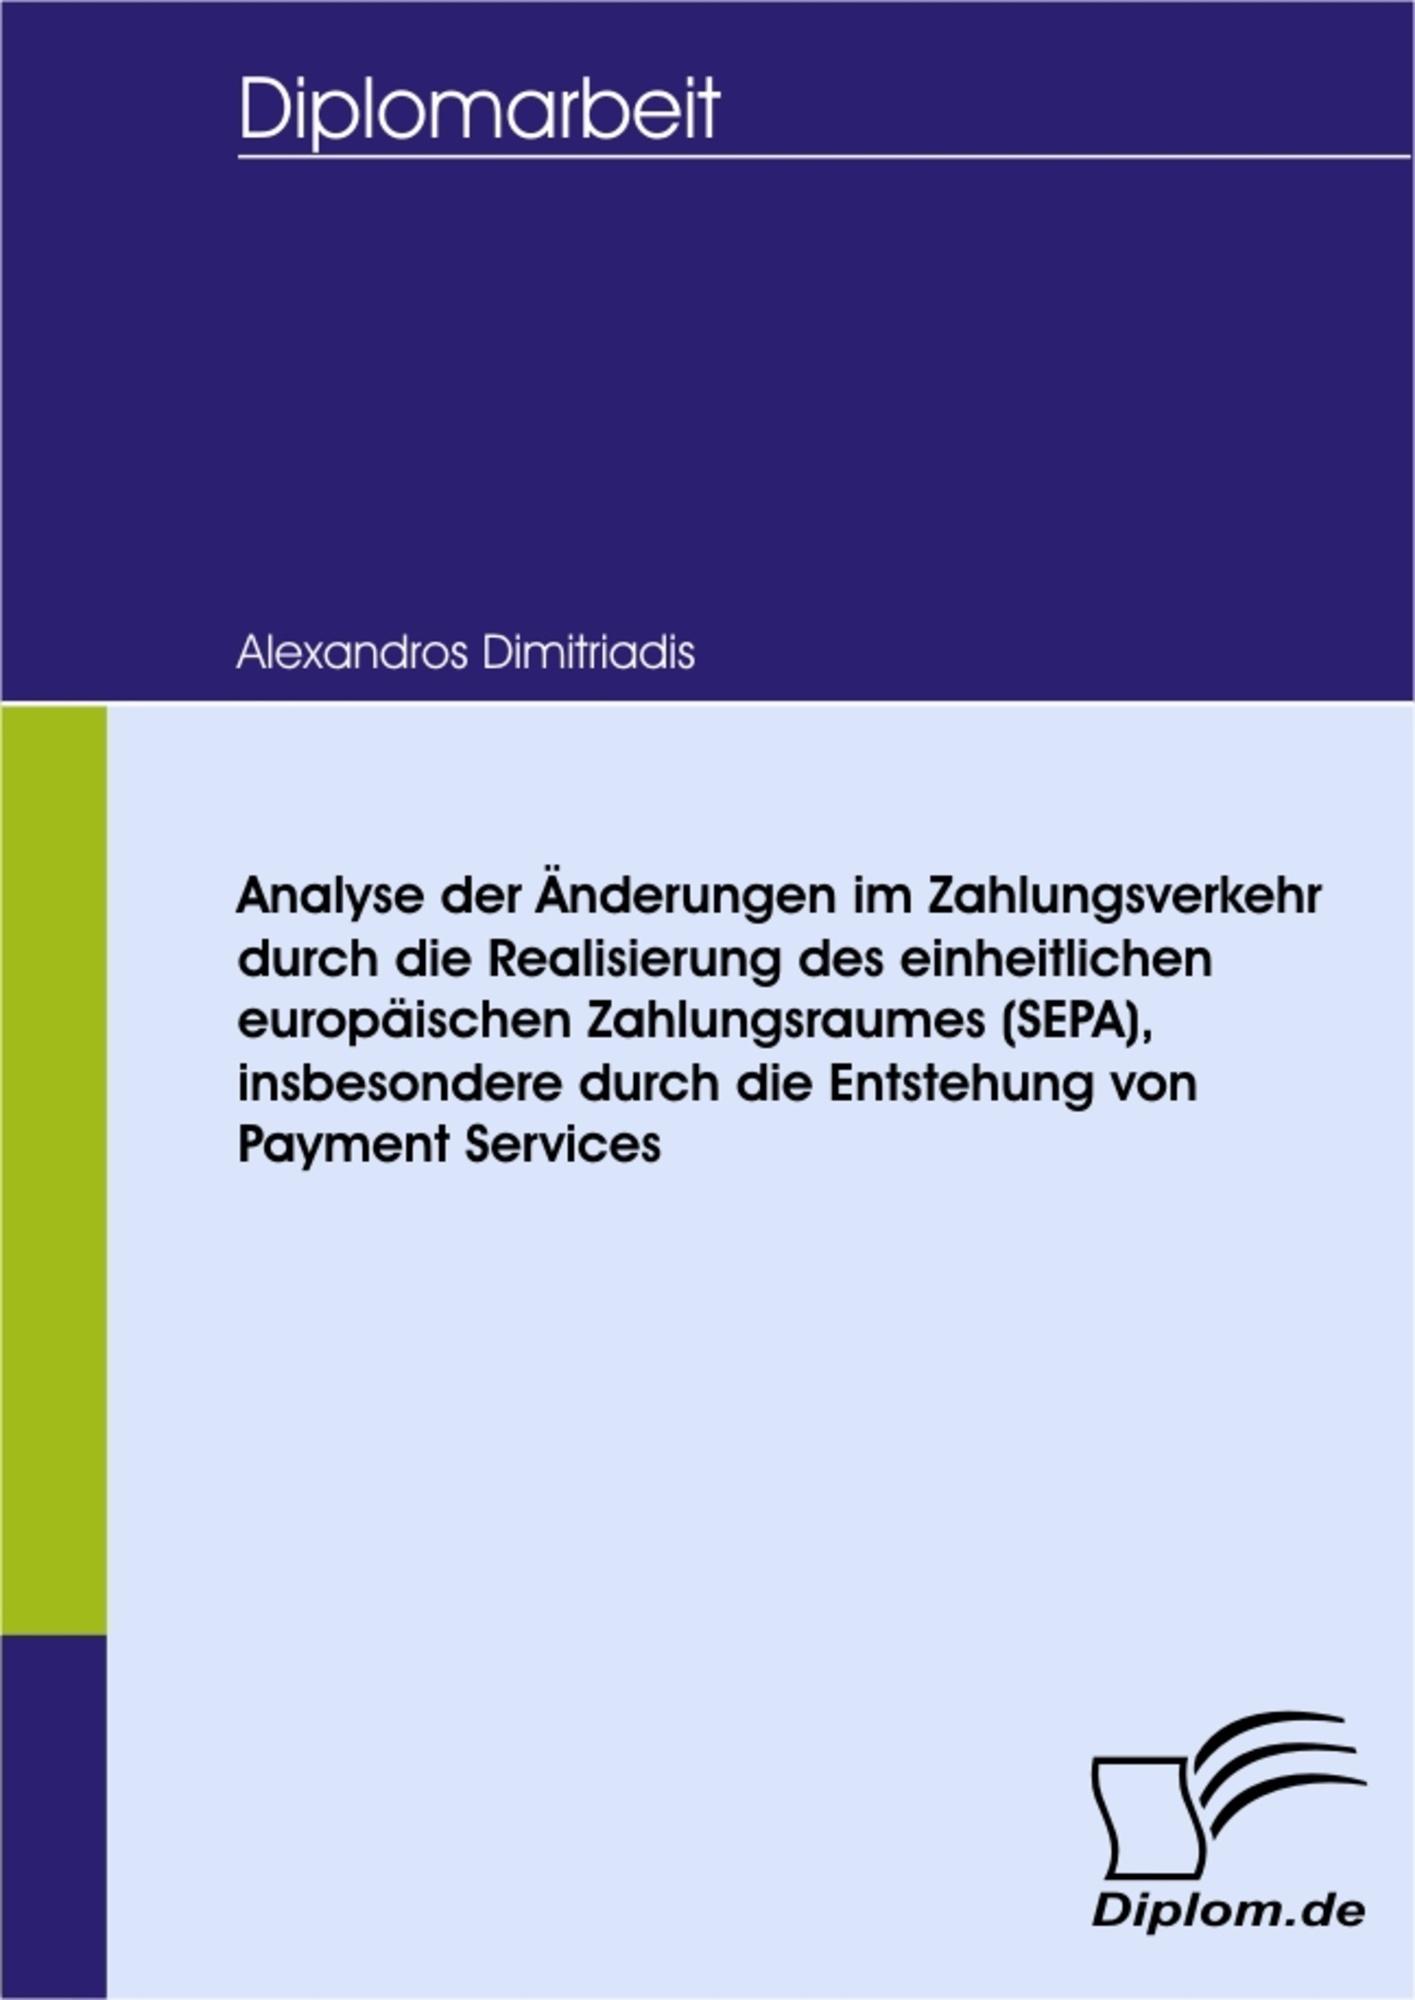 Analyse der Änderungen im Zahlungsverkehr durch die Realisierung ...